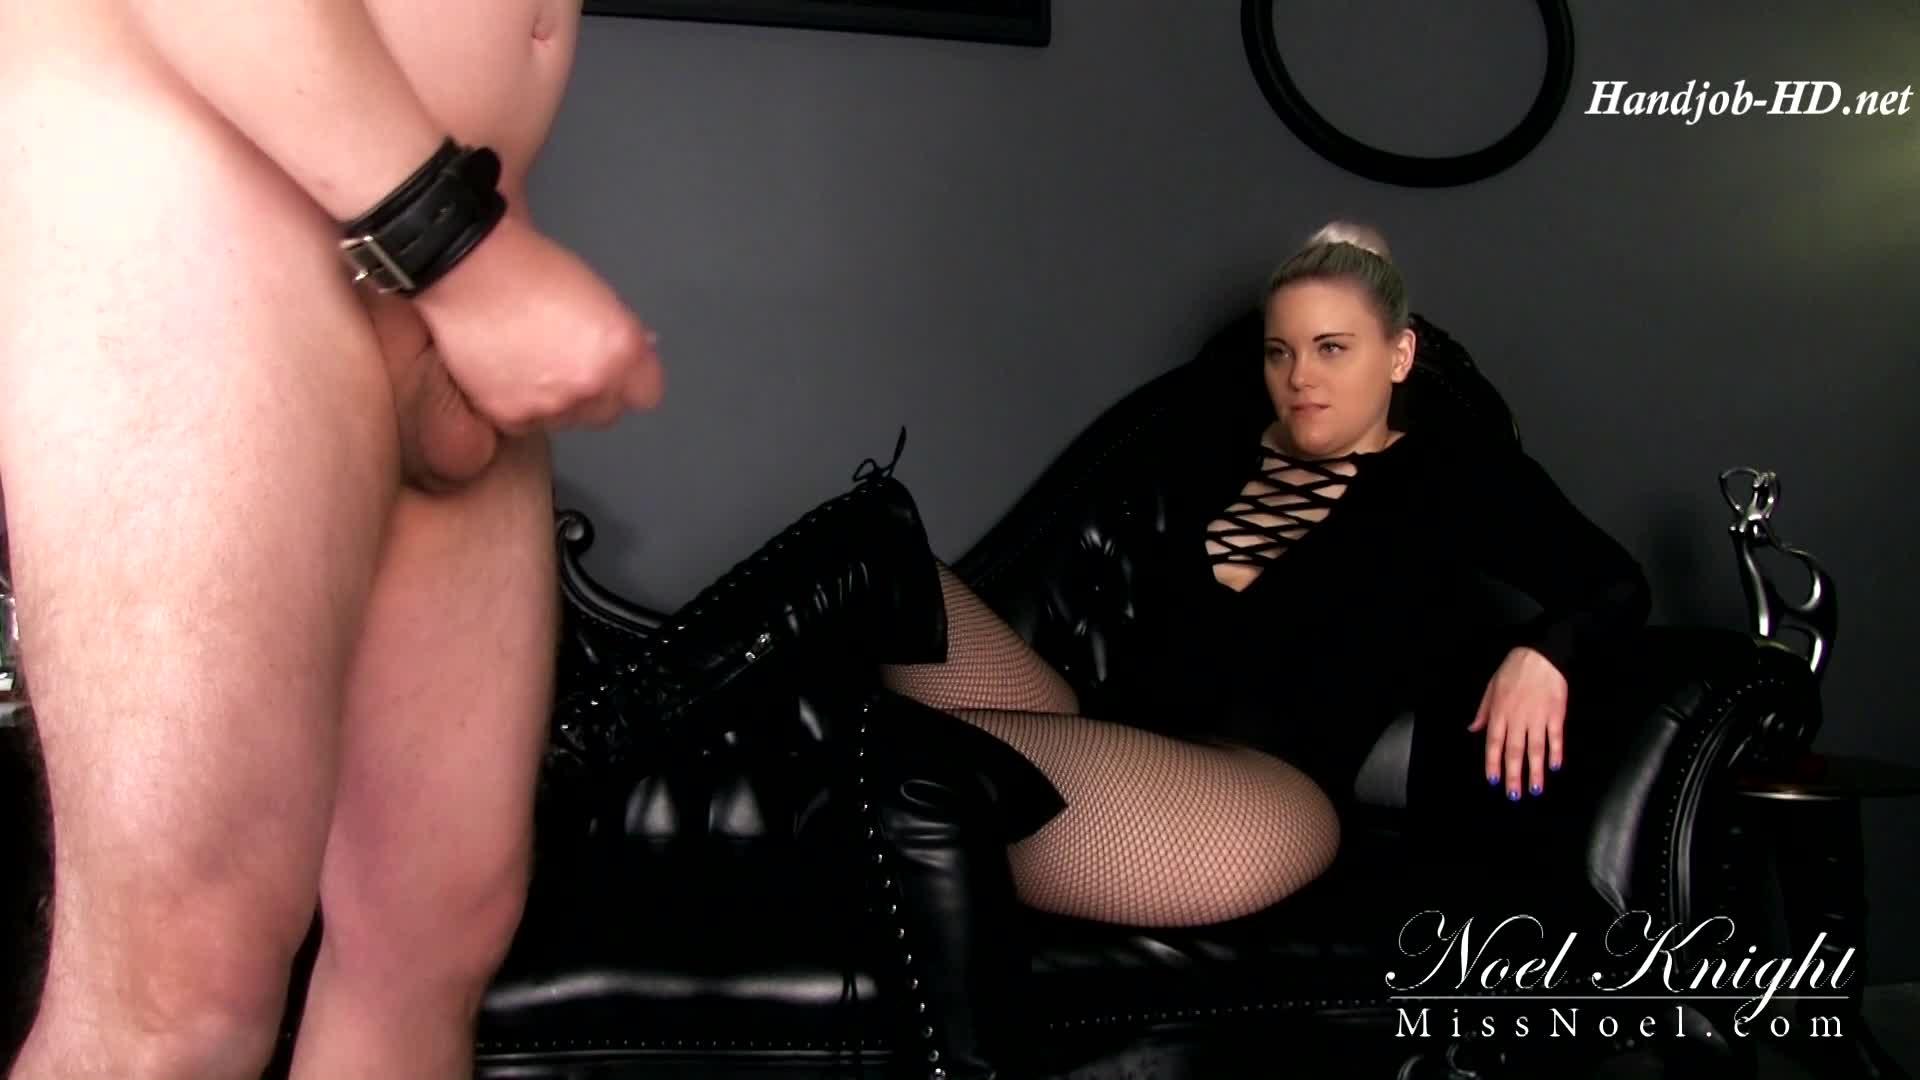 what nude women enjoying butt sex can speak